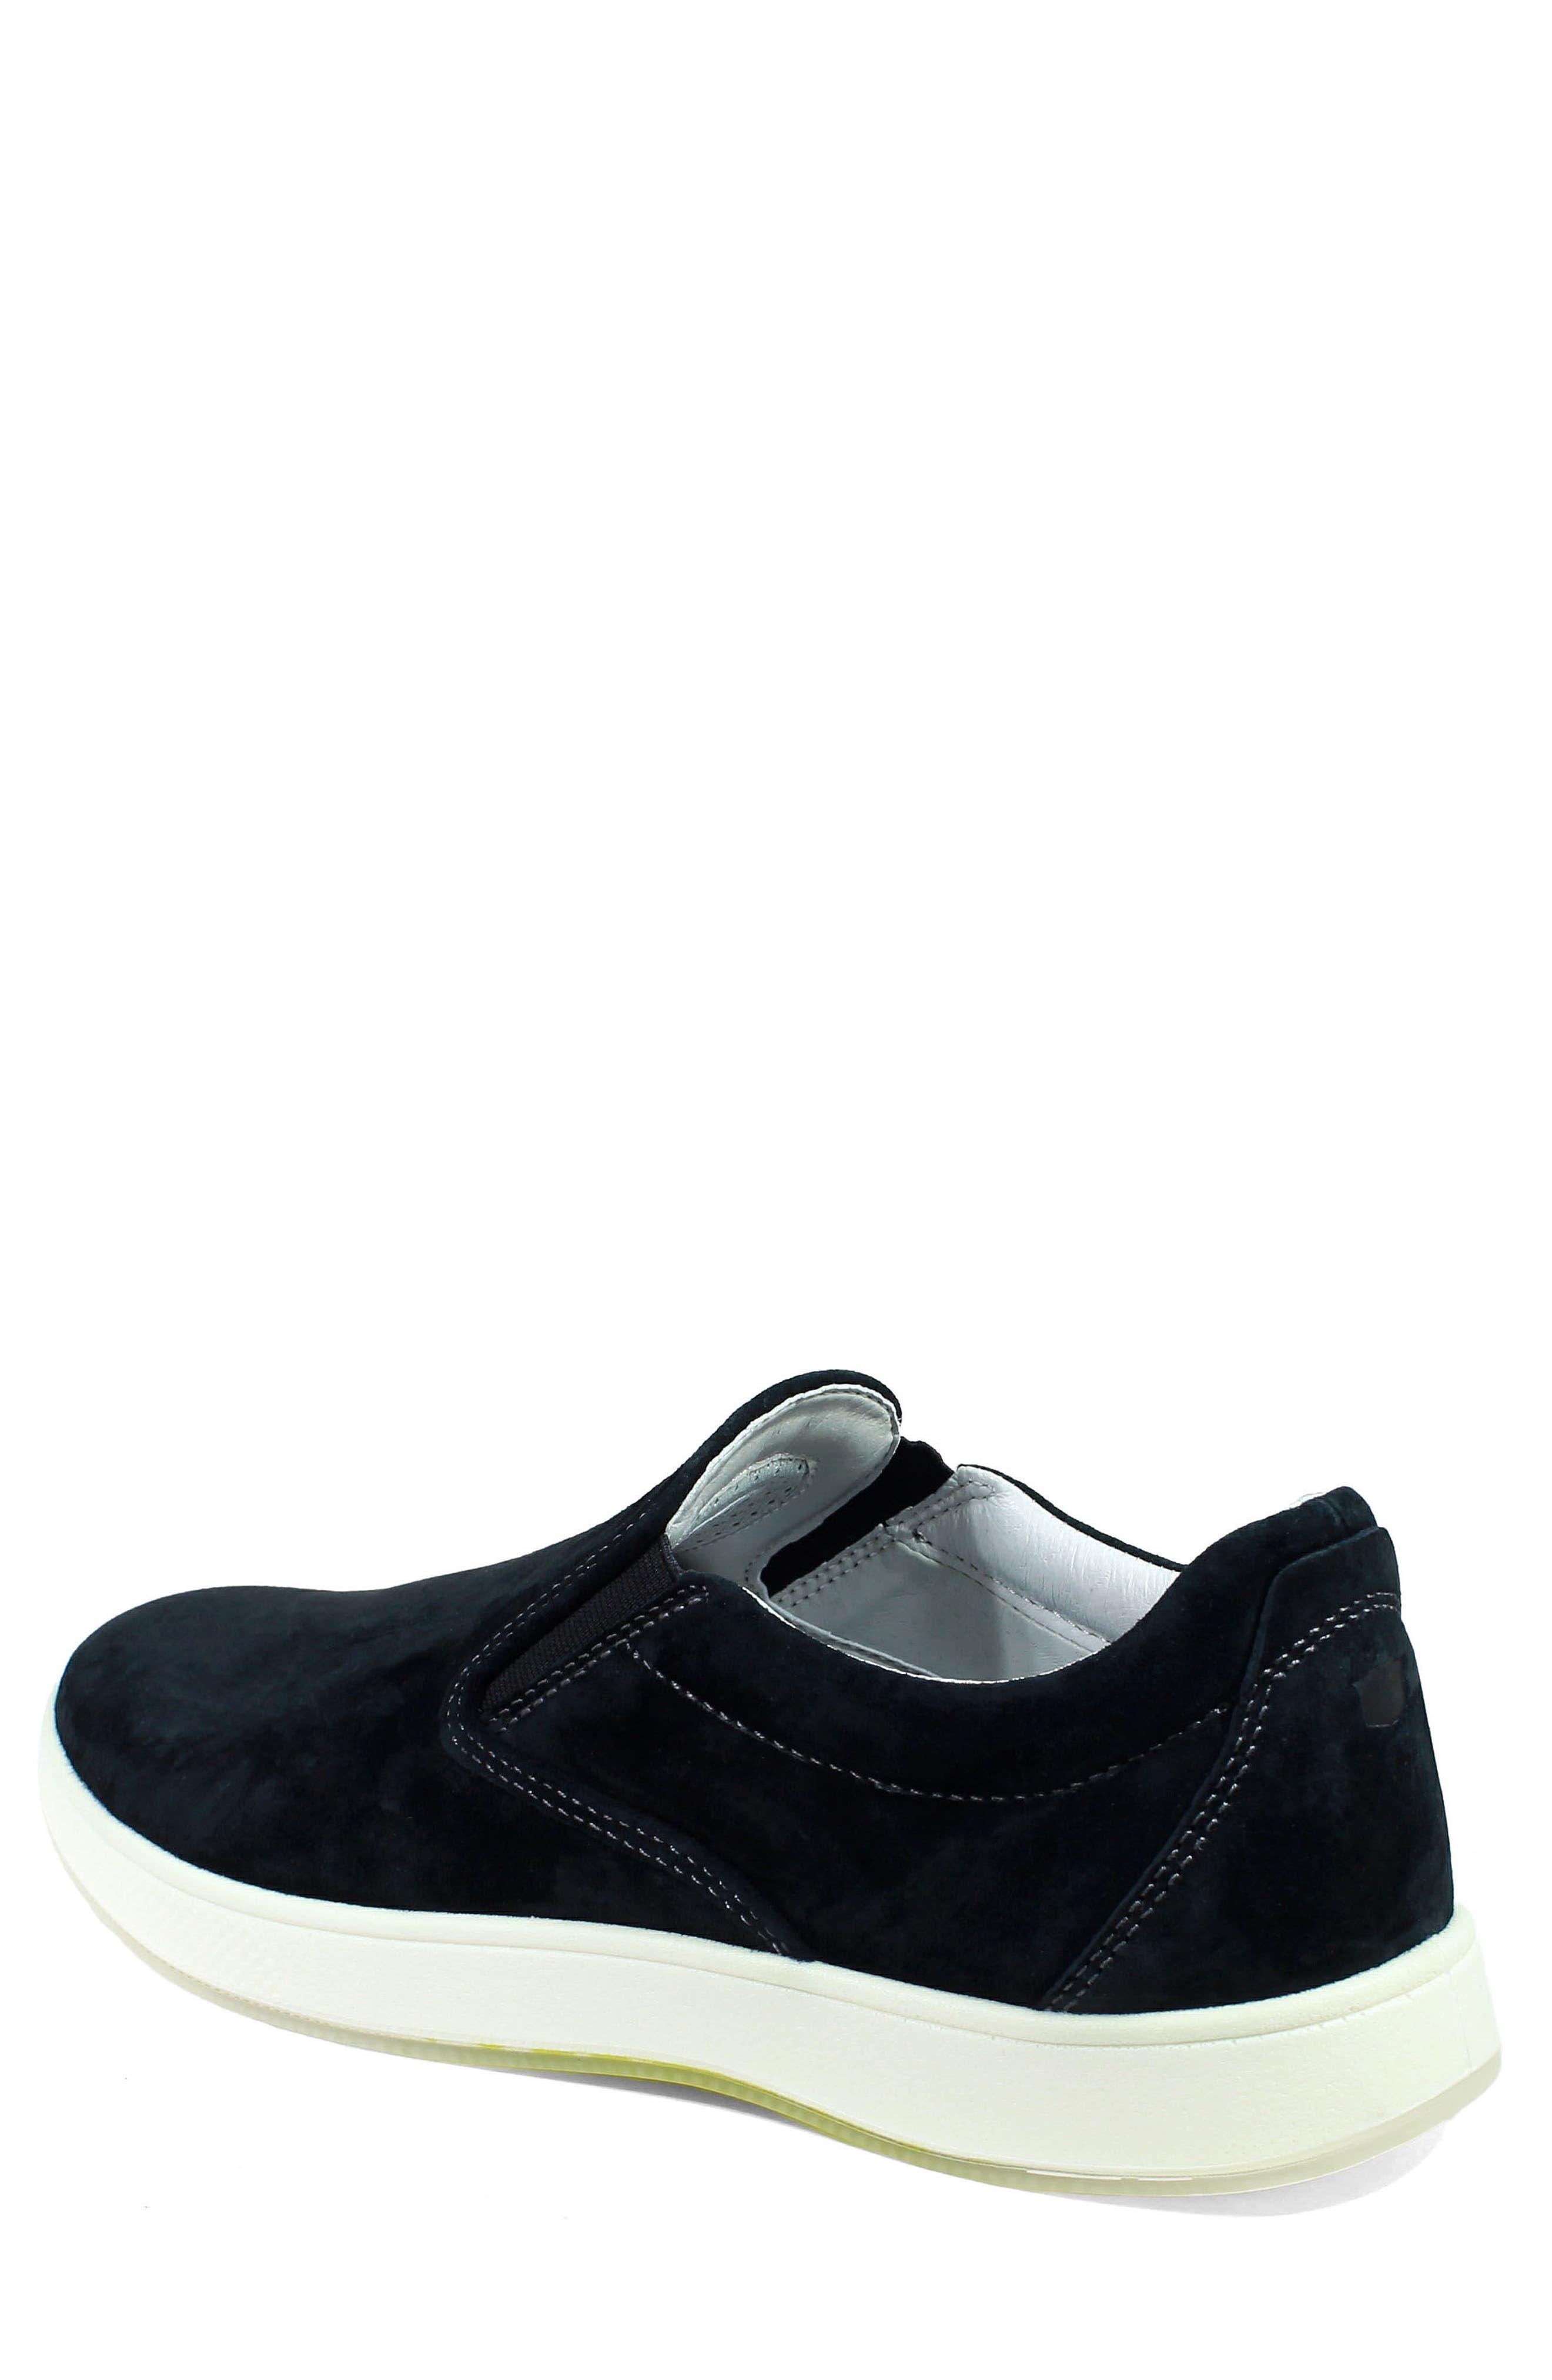 FLORSHEIM,                             Edge Slip-On Sneaker,                             Alternate thumbnail 2, color,                             001